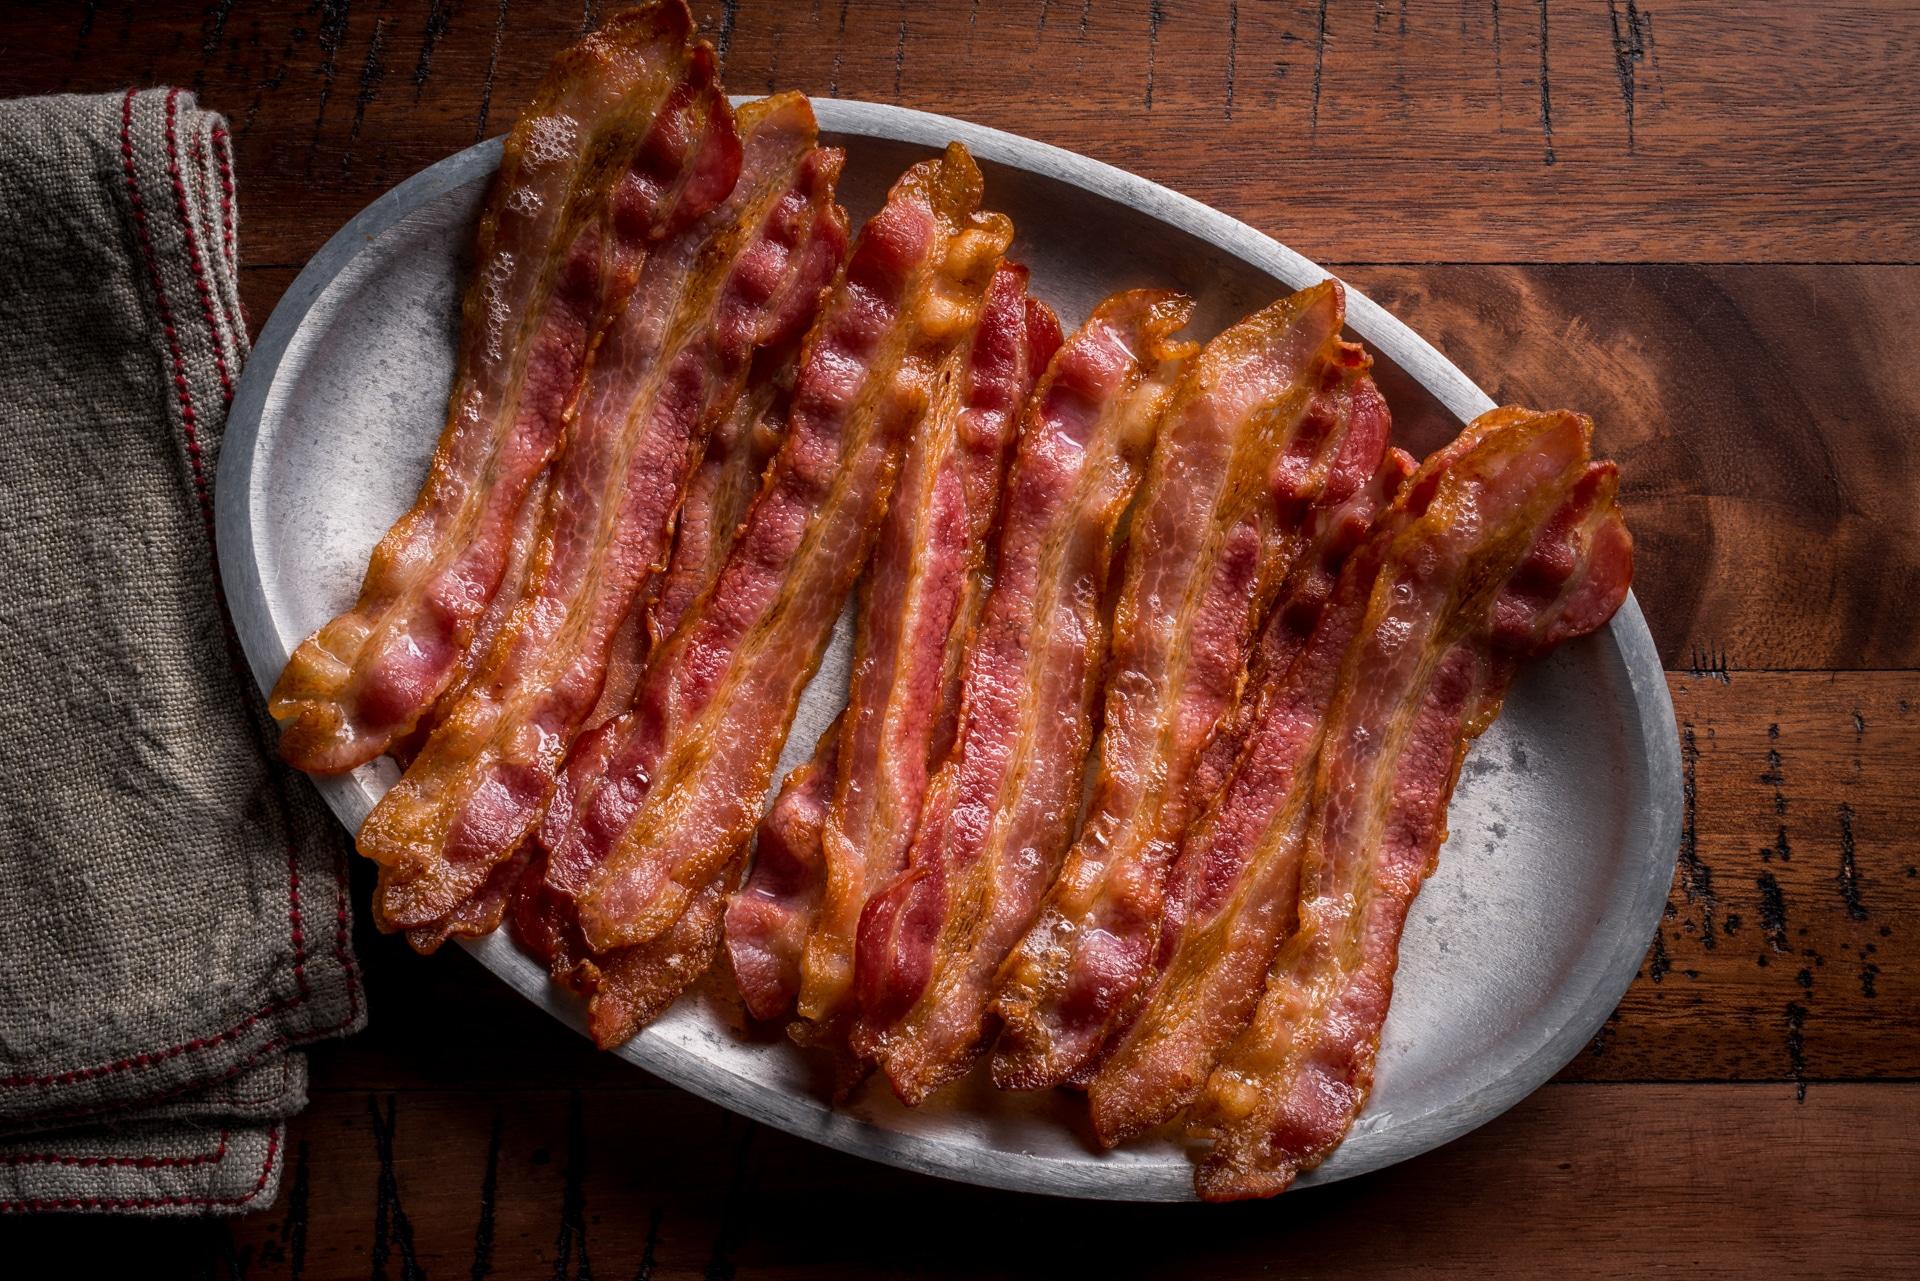 Tony's Meats bacon